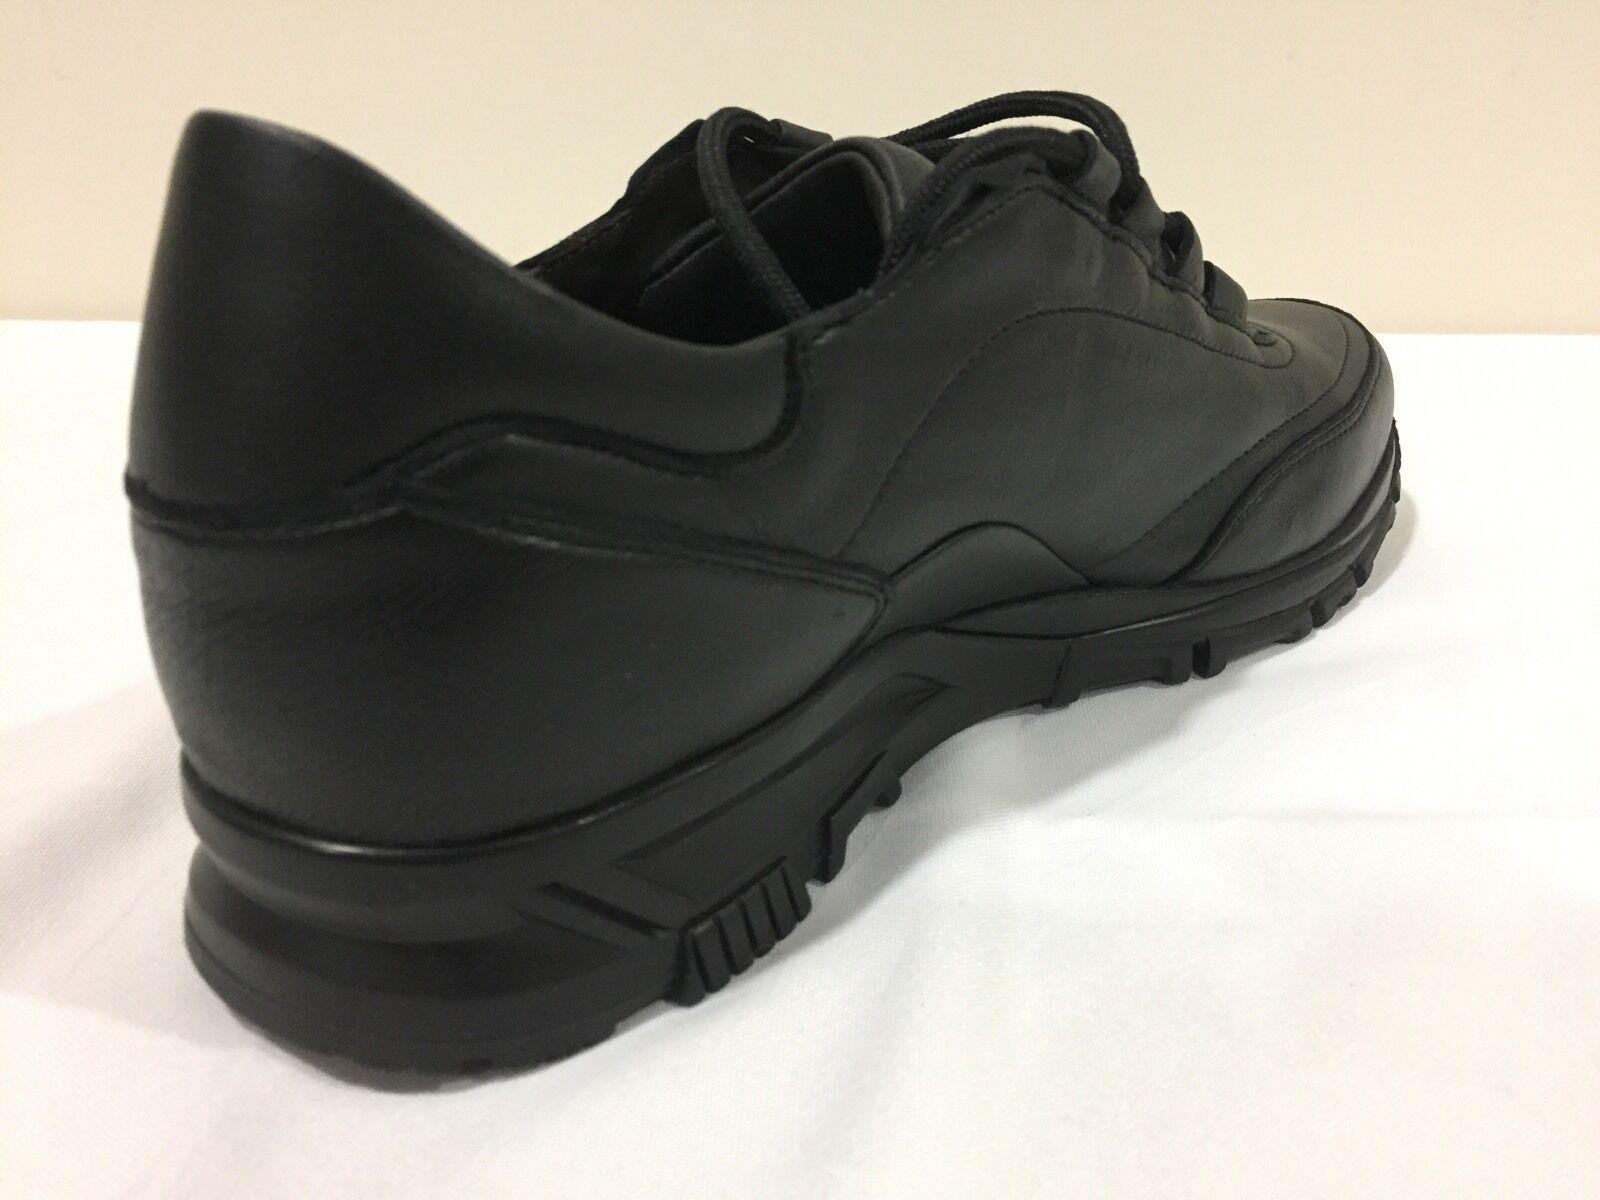 New Lanvin nero Soft Calfskin Calfskin Calfskin Cross-Trainer Runway scarpe da ginnastica Dimensione 8  795.00 c20041